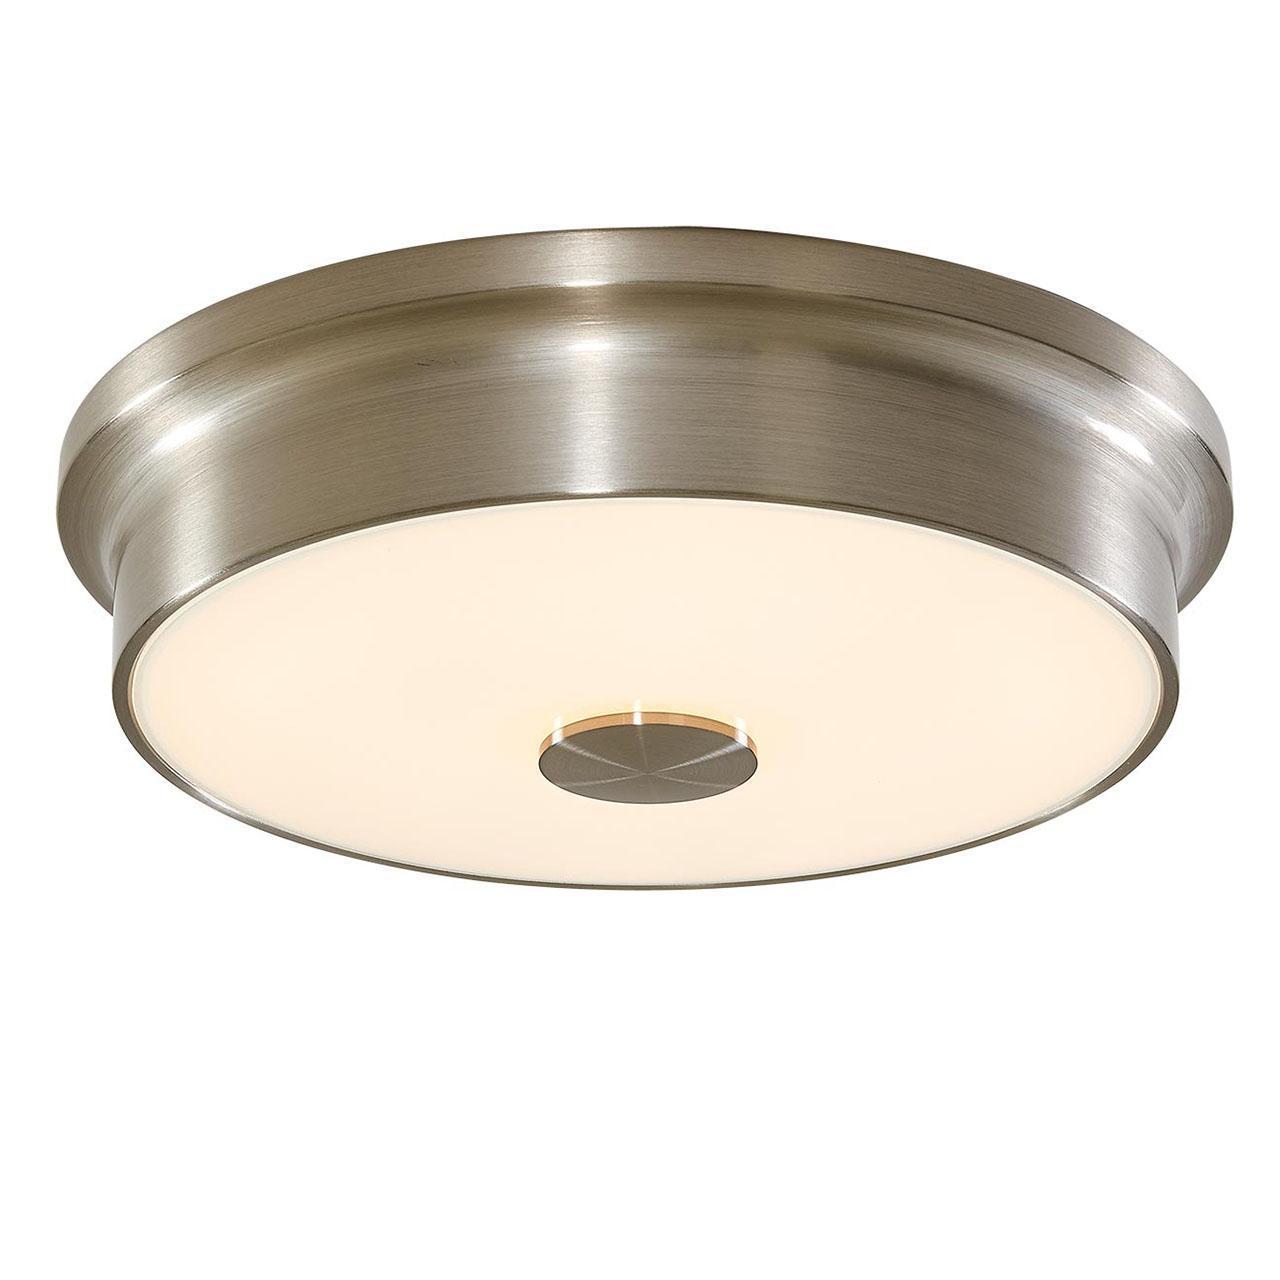 Потолочный светодиодный светильник Citilux Фостер-2 CL706221 накладной светильник citilux фостер 2 cl706221